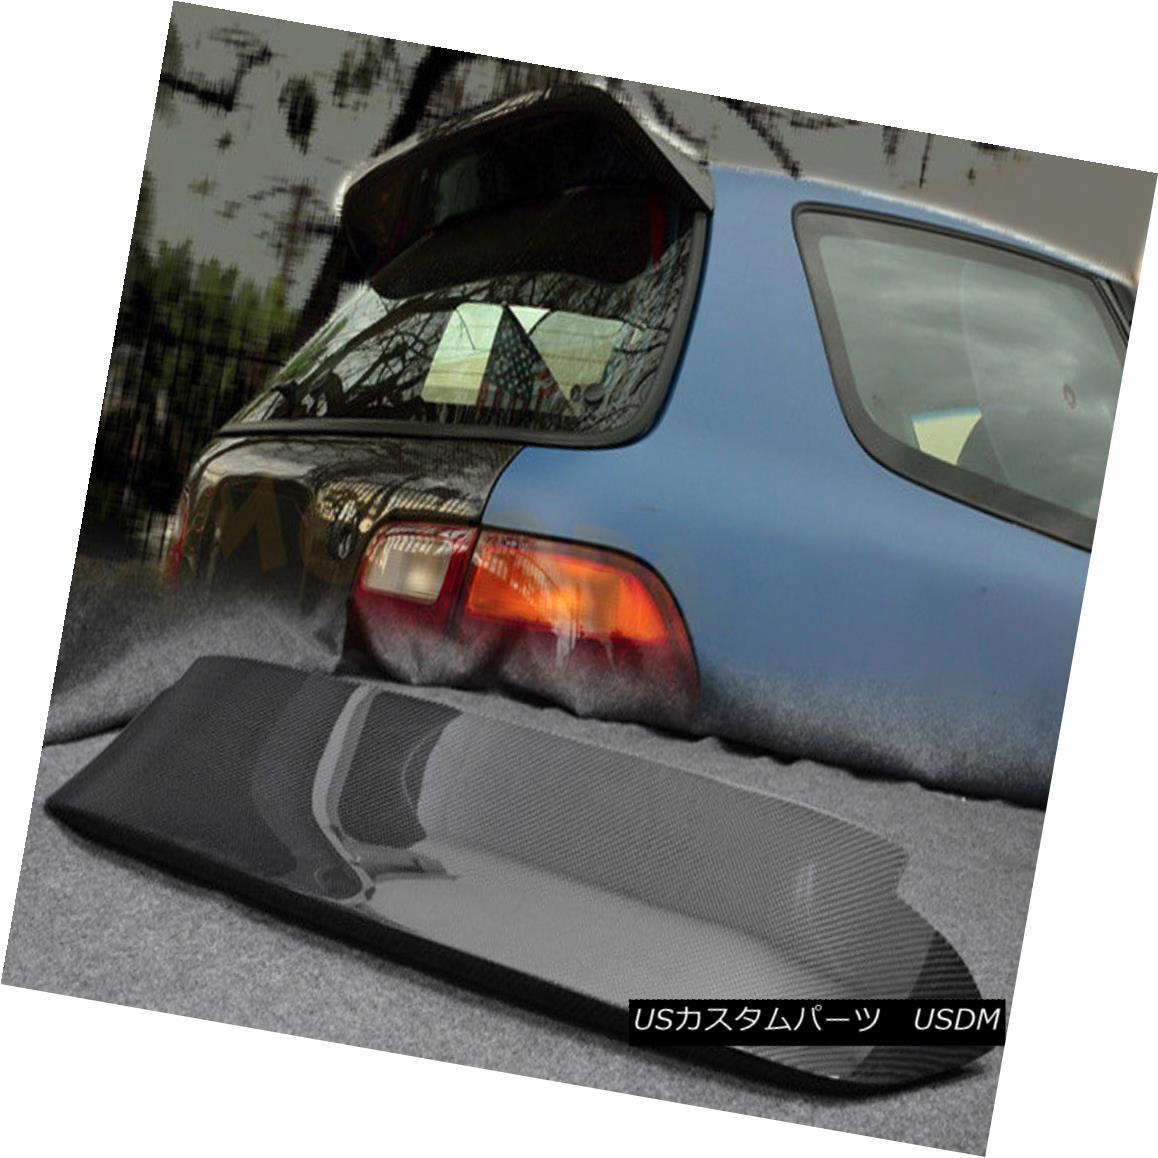 エアロパーツ ABC Rear Duckbill Spoiler Wing For Honda 92-95 EG Civic Spon Style Carbon Fiber ホンダ用ABCリアダックビルスポイラーウイング92-95 EGシビックスポンスタイルカーボンファイバー